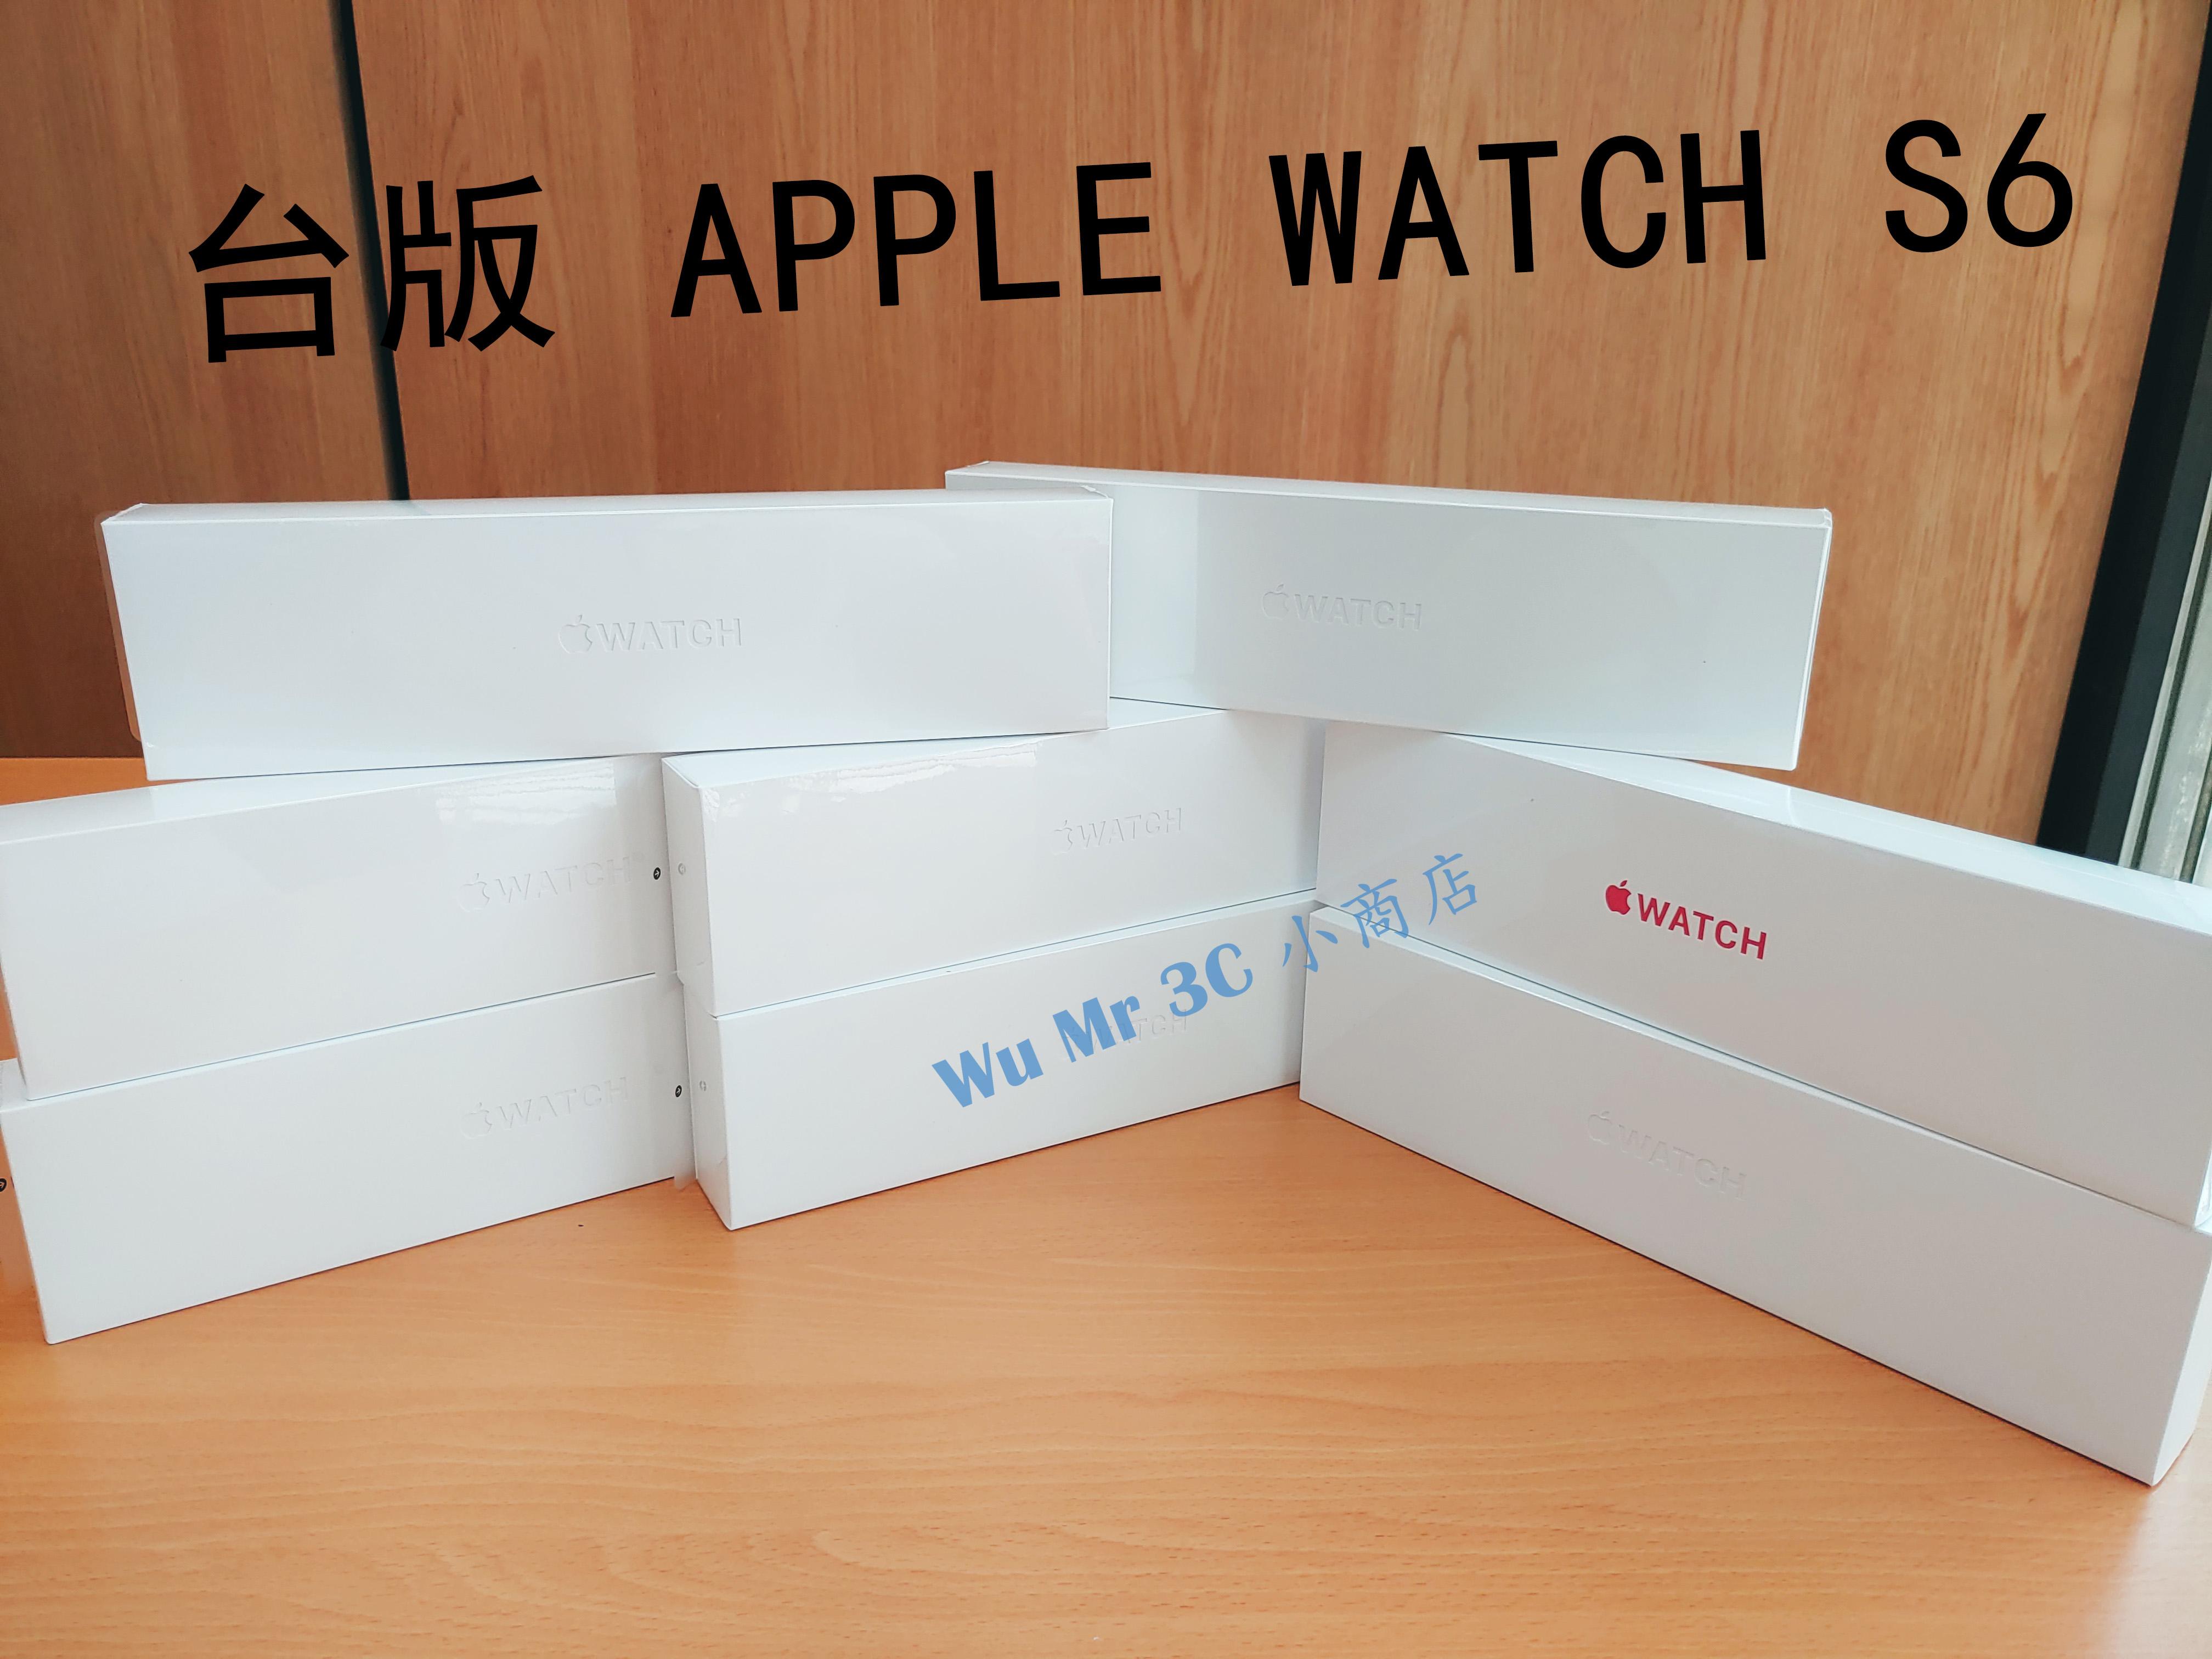 全新 Apple Watch Series 6 44mm LTE 運動版 / Nike版 高雄可自取 S6